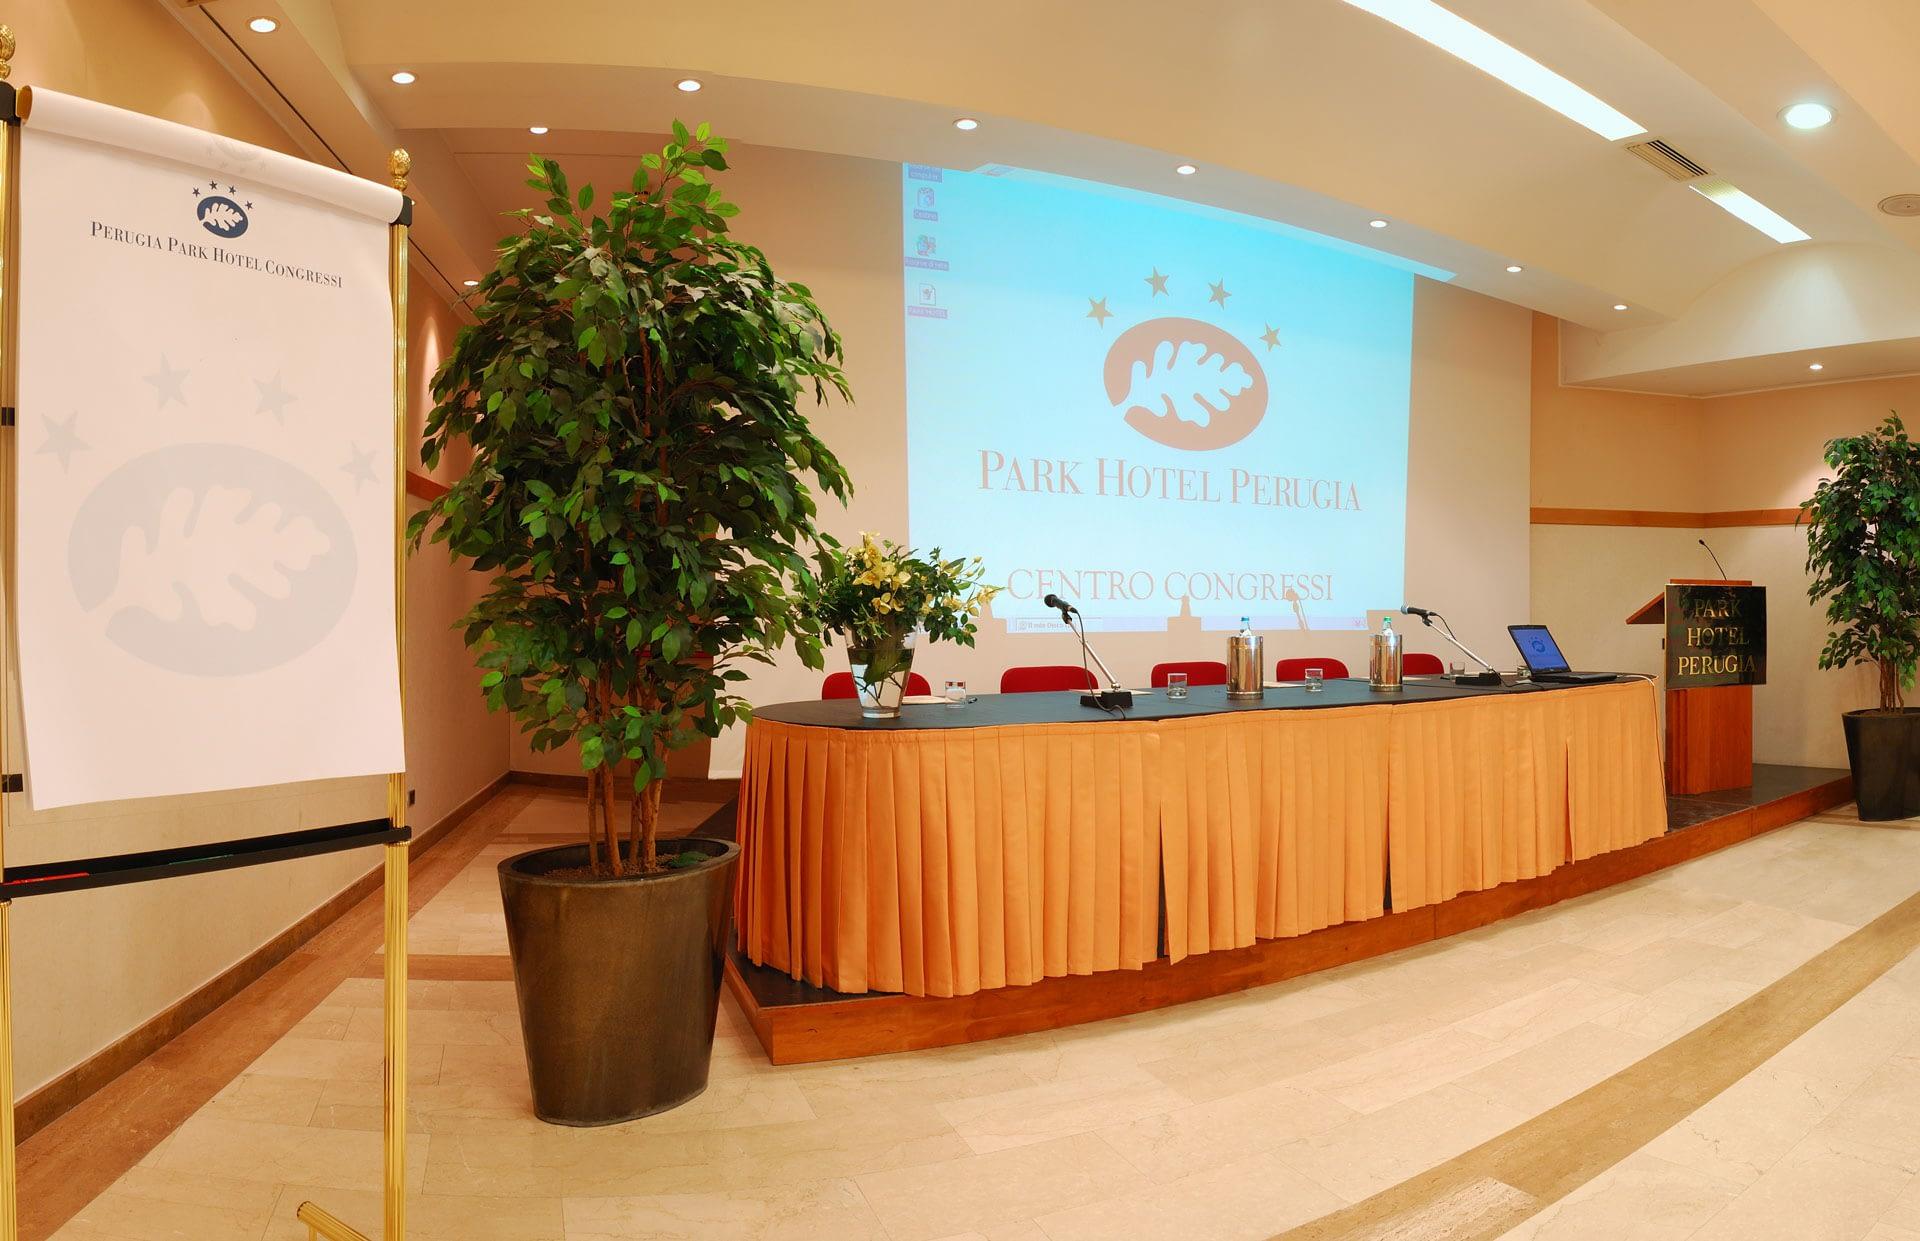 centro-congressi-perugia-park-hotel-talia4